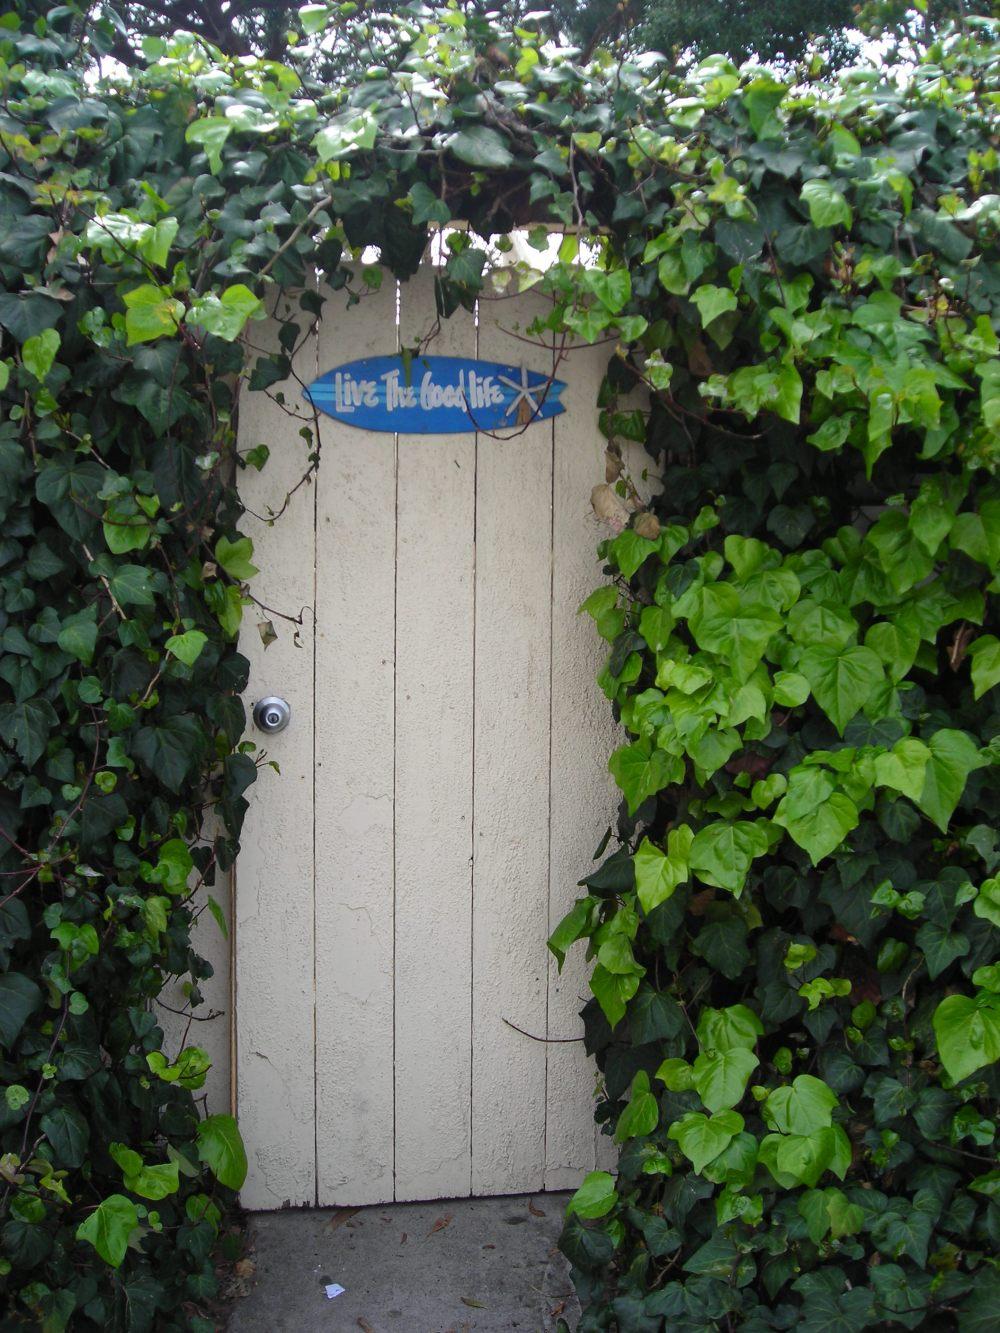 Laguna Beach'de dolaşırken gördüğüm bir kapı... Arkasında ne var hiç bilmiyorum ama bu kapı, üzerindeki yazıyla bana çok manidar durmuştu.